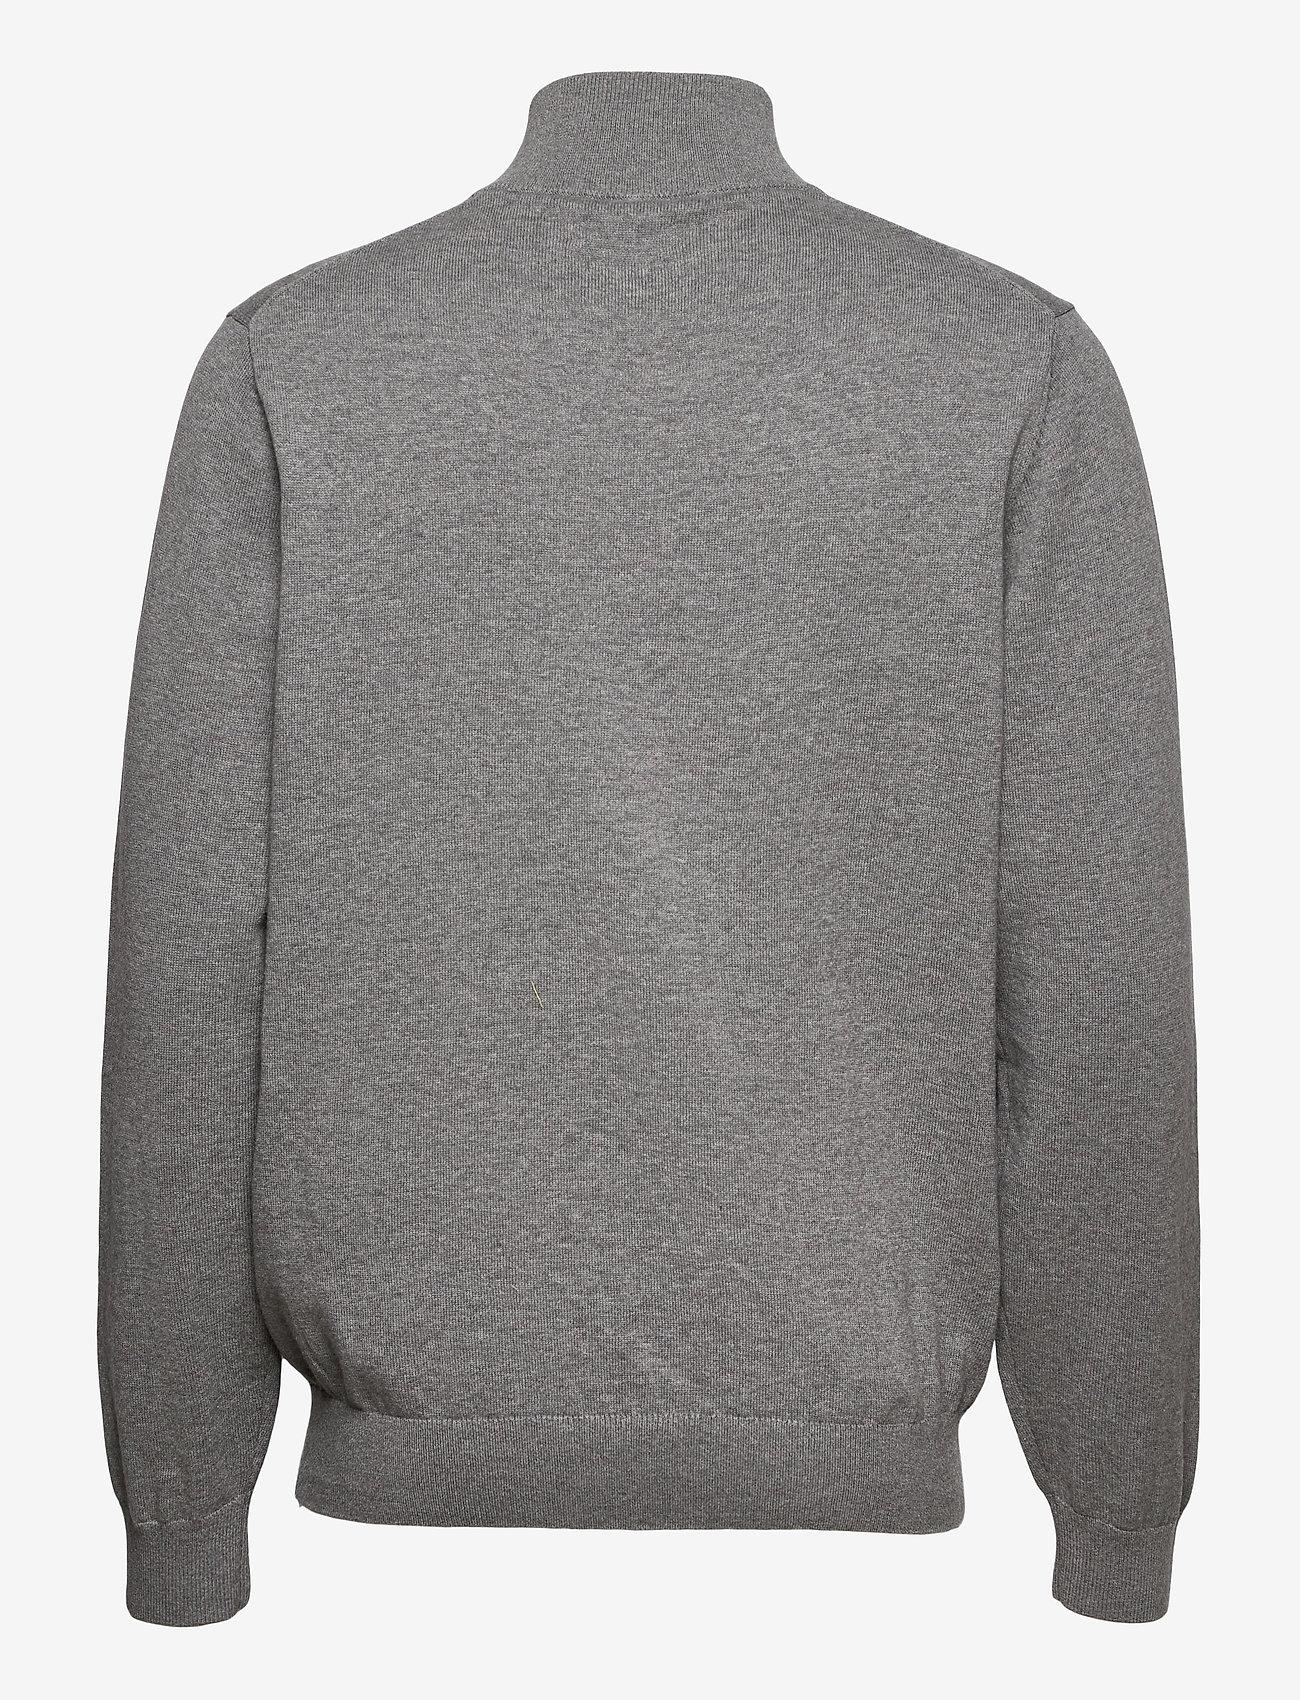 GANT - CLASSIC COTTON HALF ZIP - half zip - dark grey melange - 1